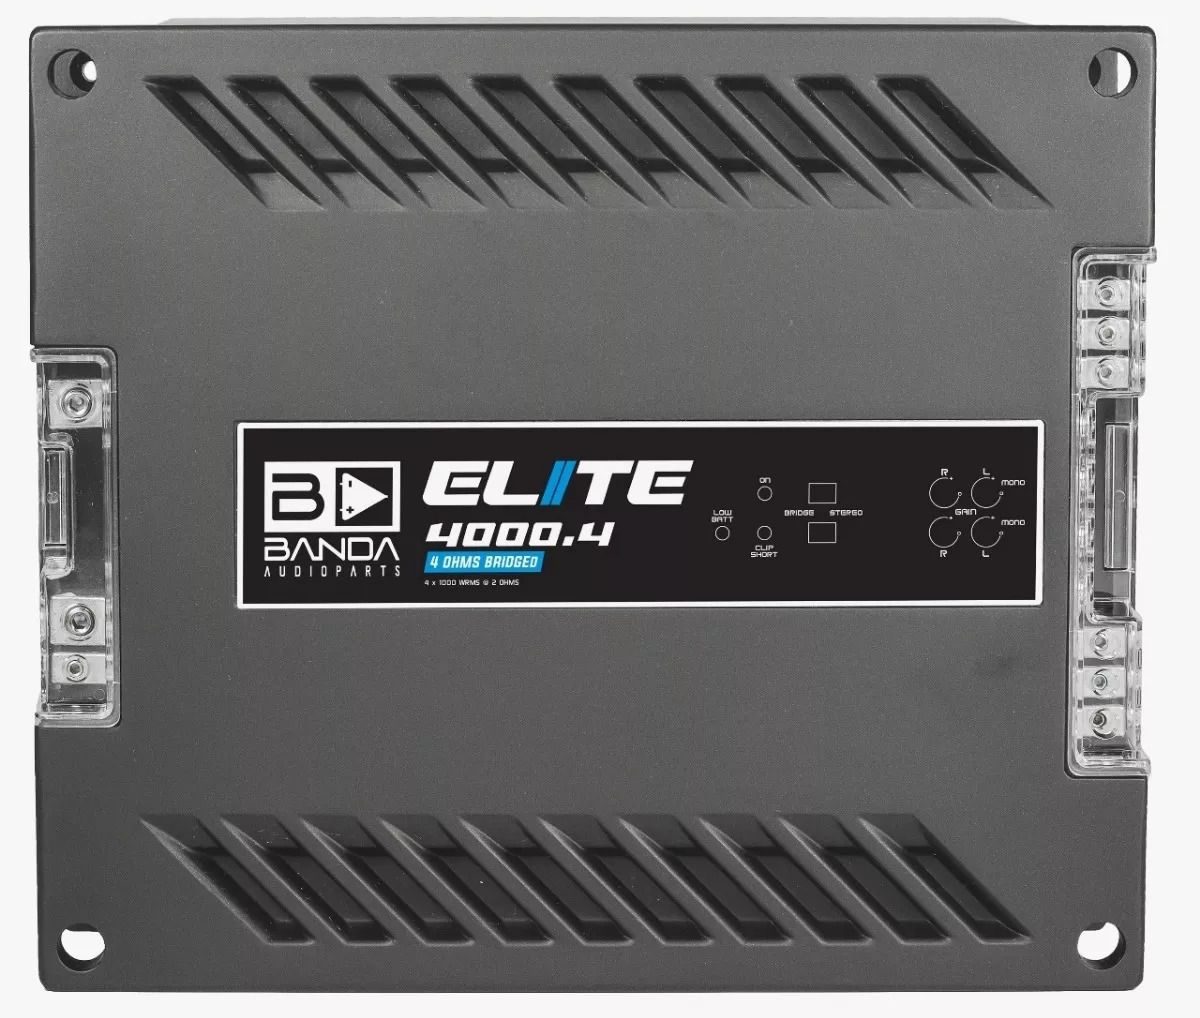 Módulo Amplificador Banda Elite 4000 4 Canais 1 Ohm